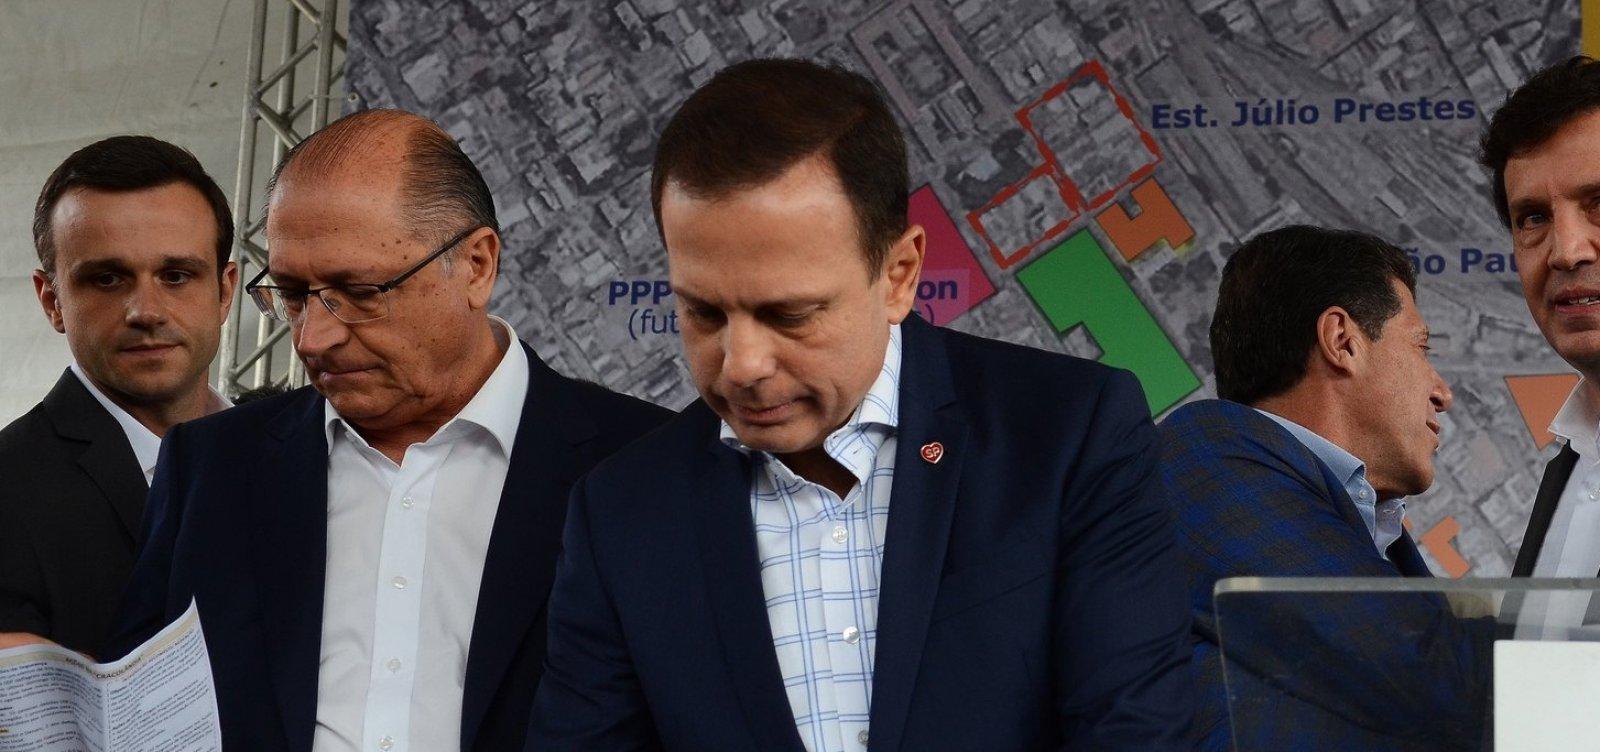 Alckmin sinaliza que deixará comando do PSDB em maio, diz jornal